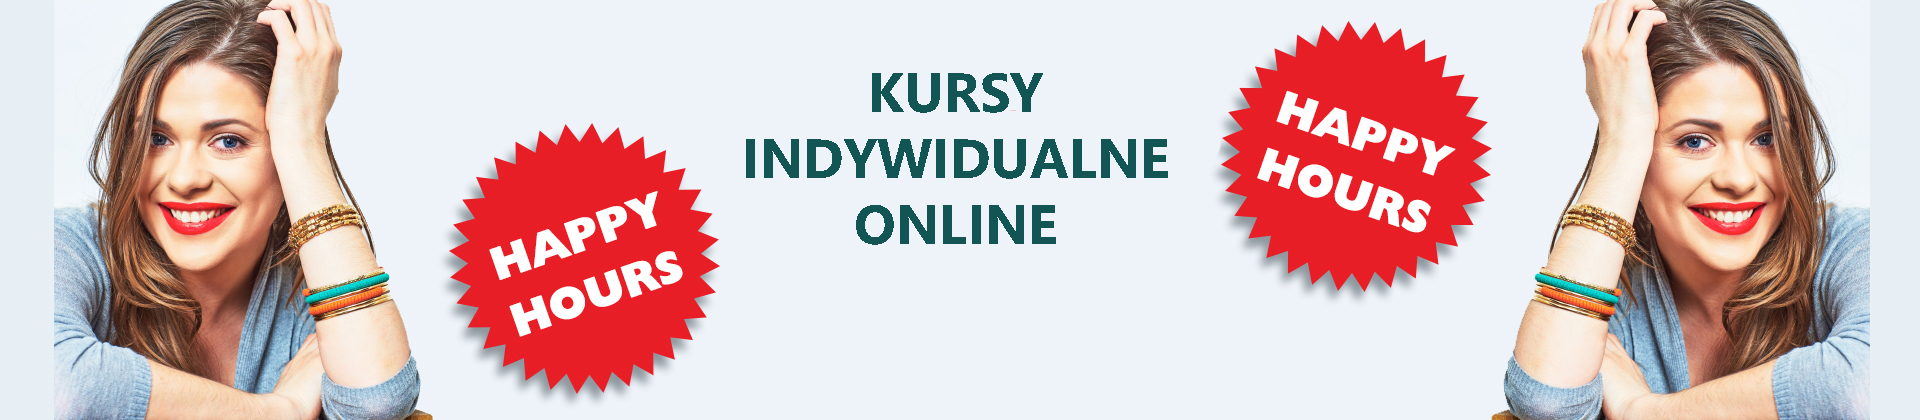 kursy indywidualne online banner